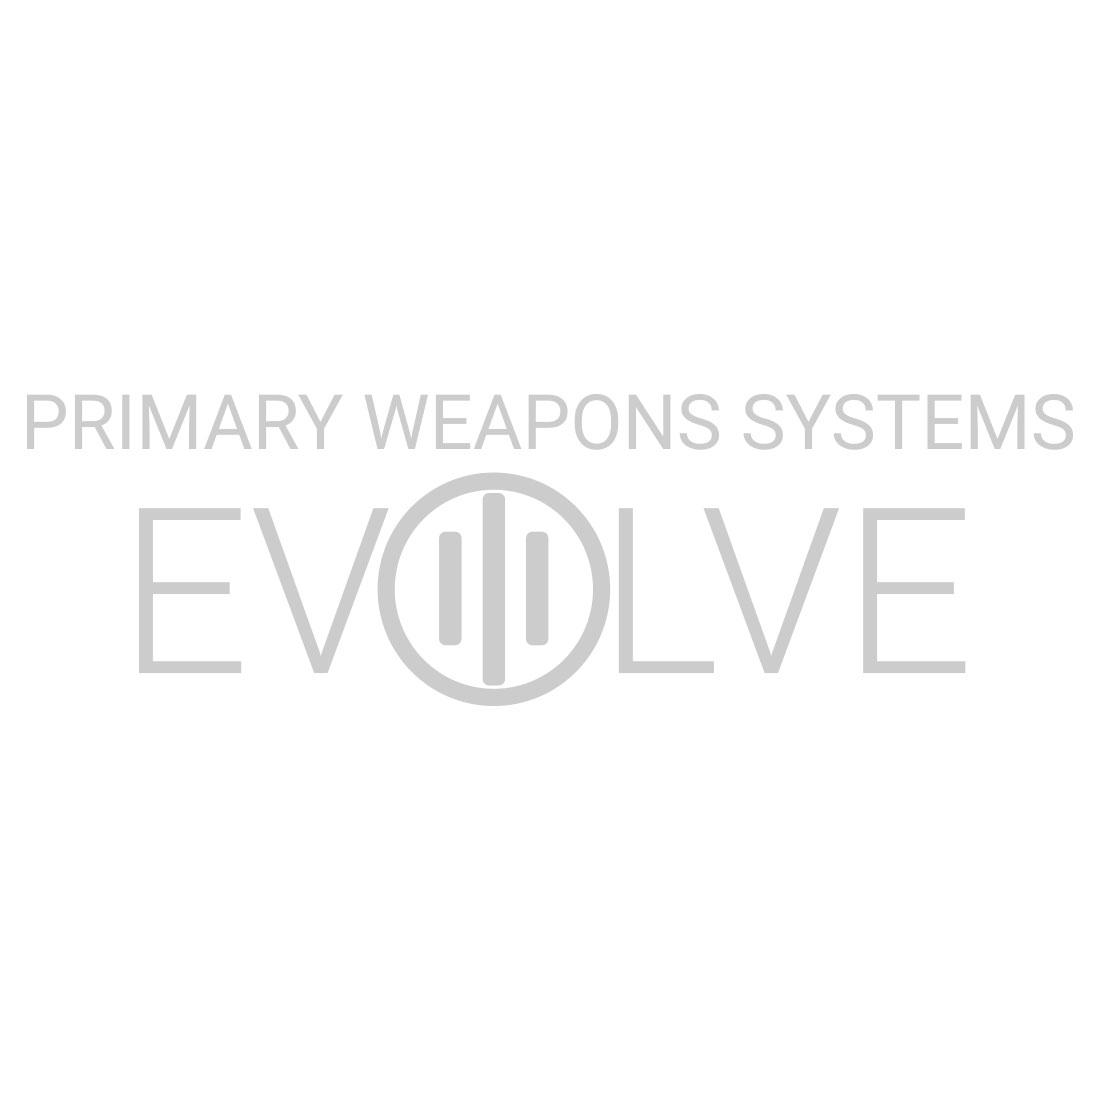 MK111 MOD 2-M Pistol .223 Wylde